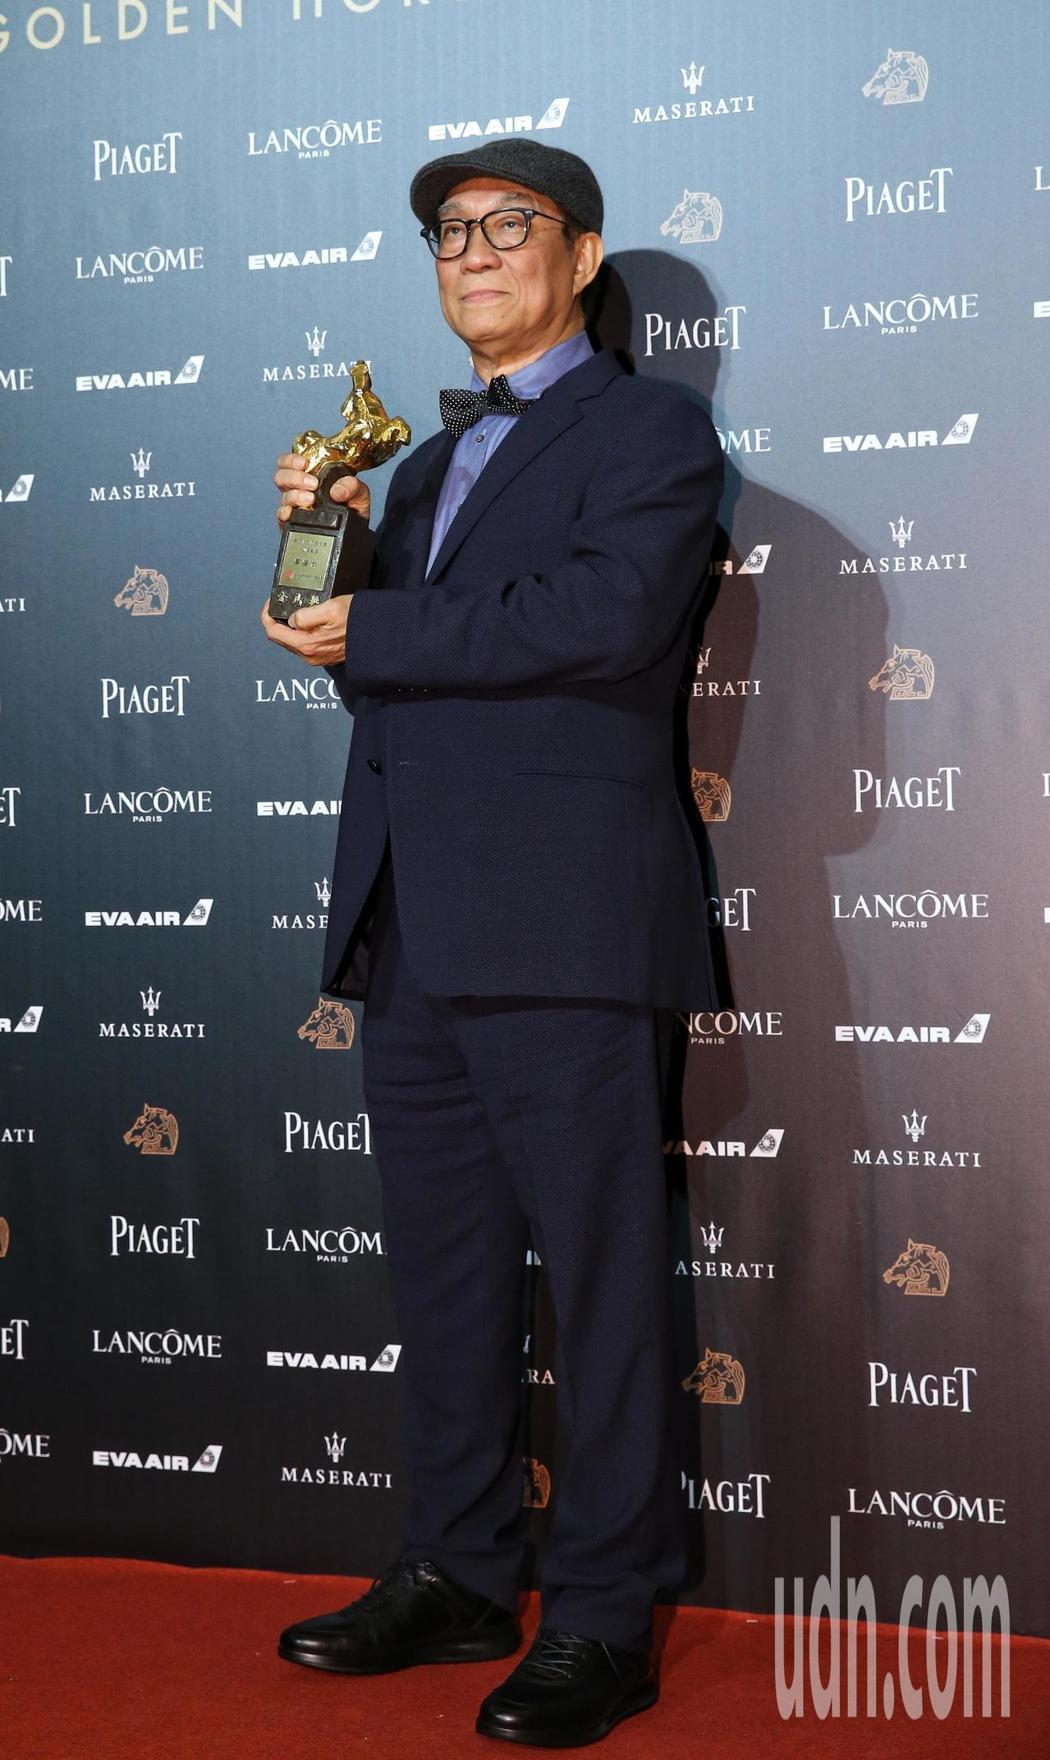 第55屆金馬獎,廖慶松獲頒特別貢獻獎。記者鄭清元/攝影